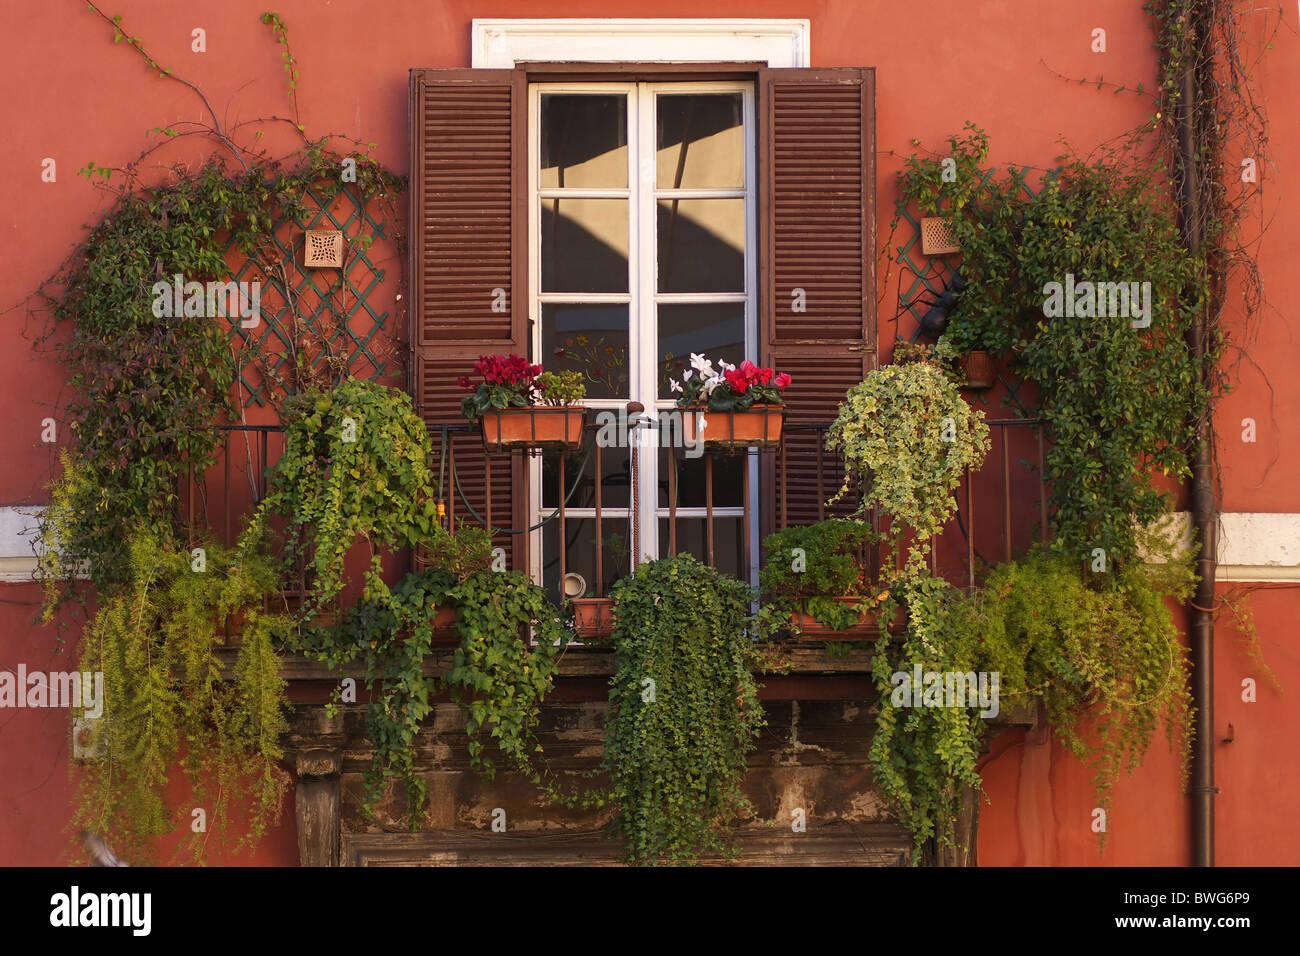 42 идеи вертикального озеленения балкона - изюминкиизюминки.